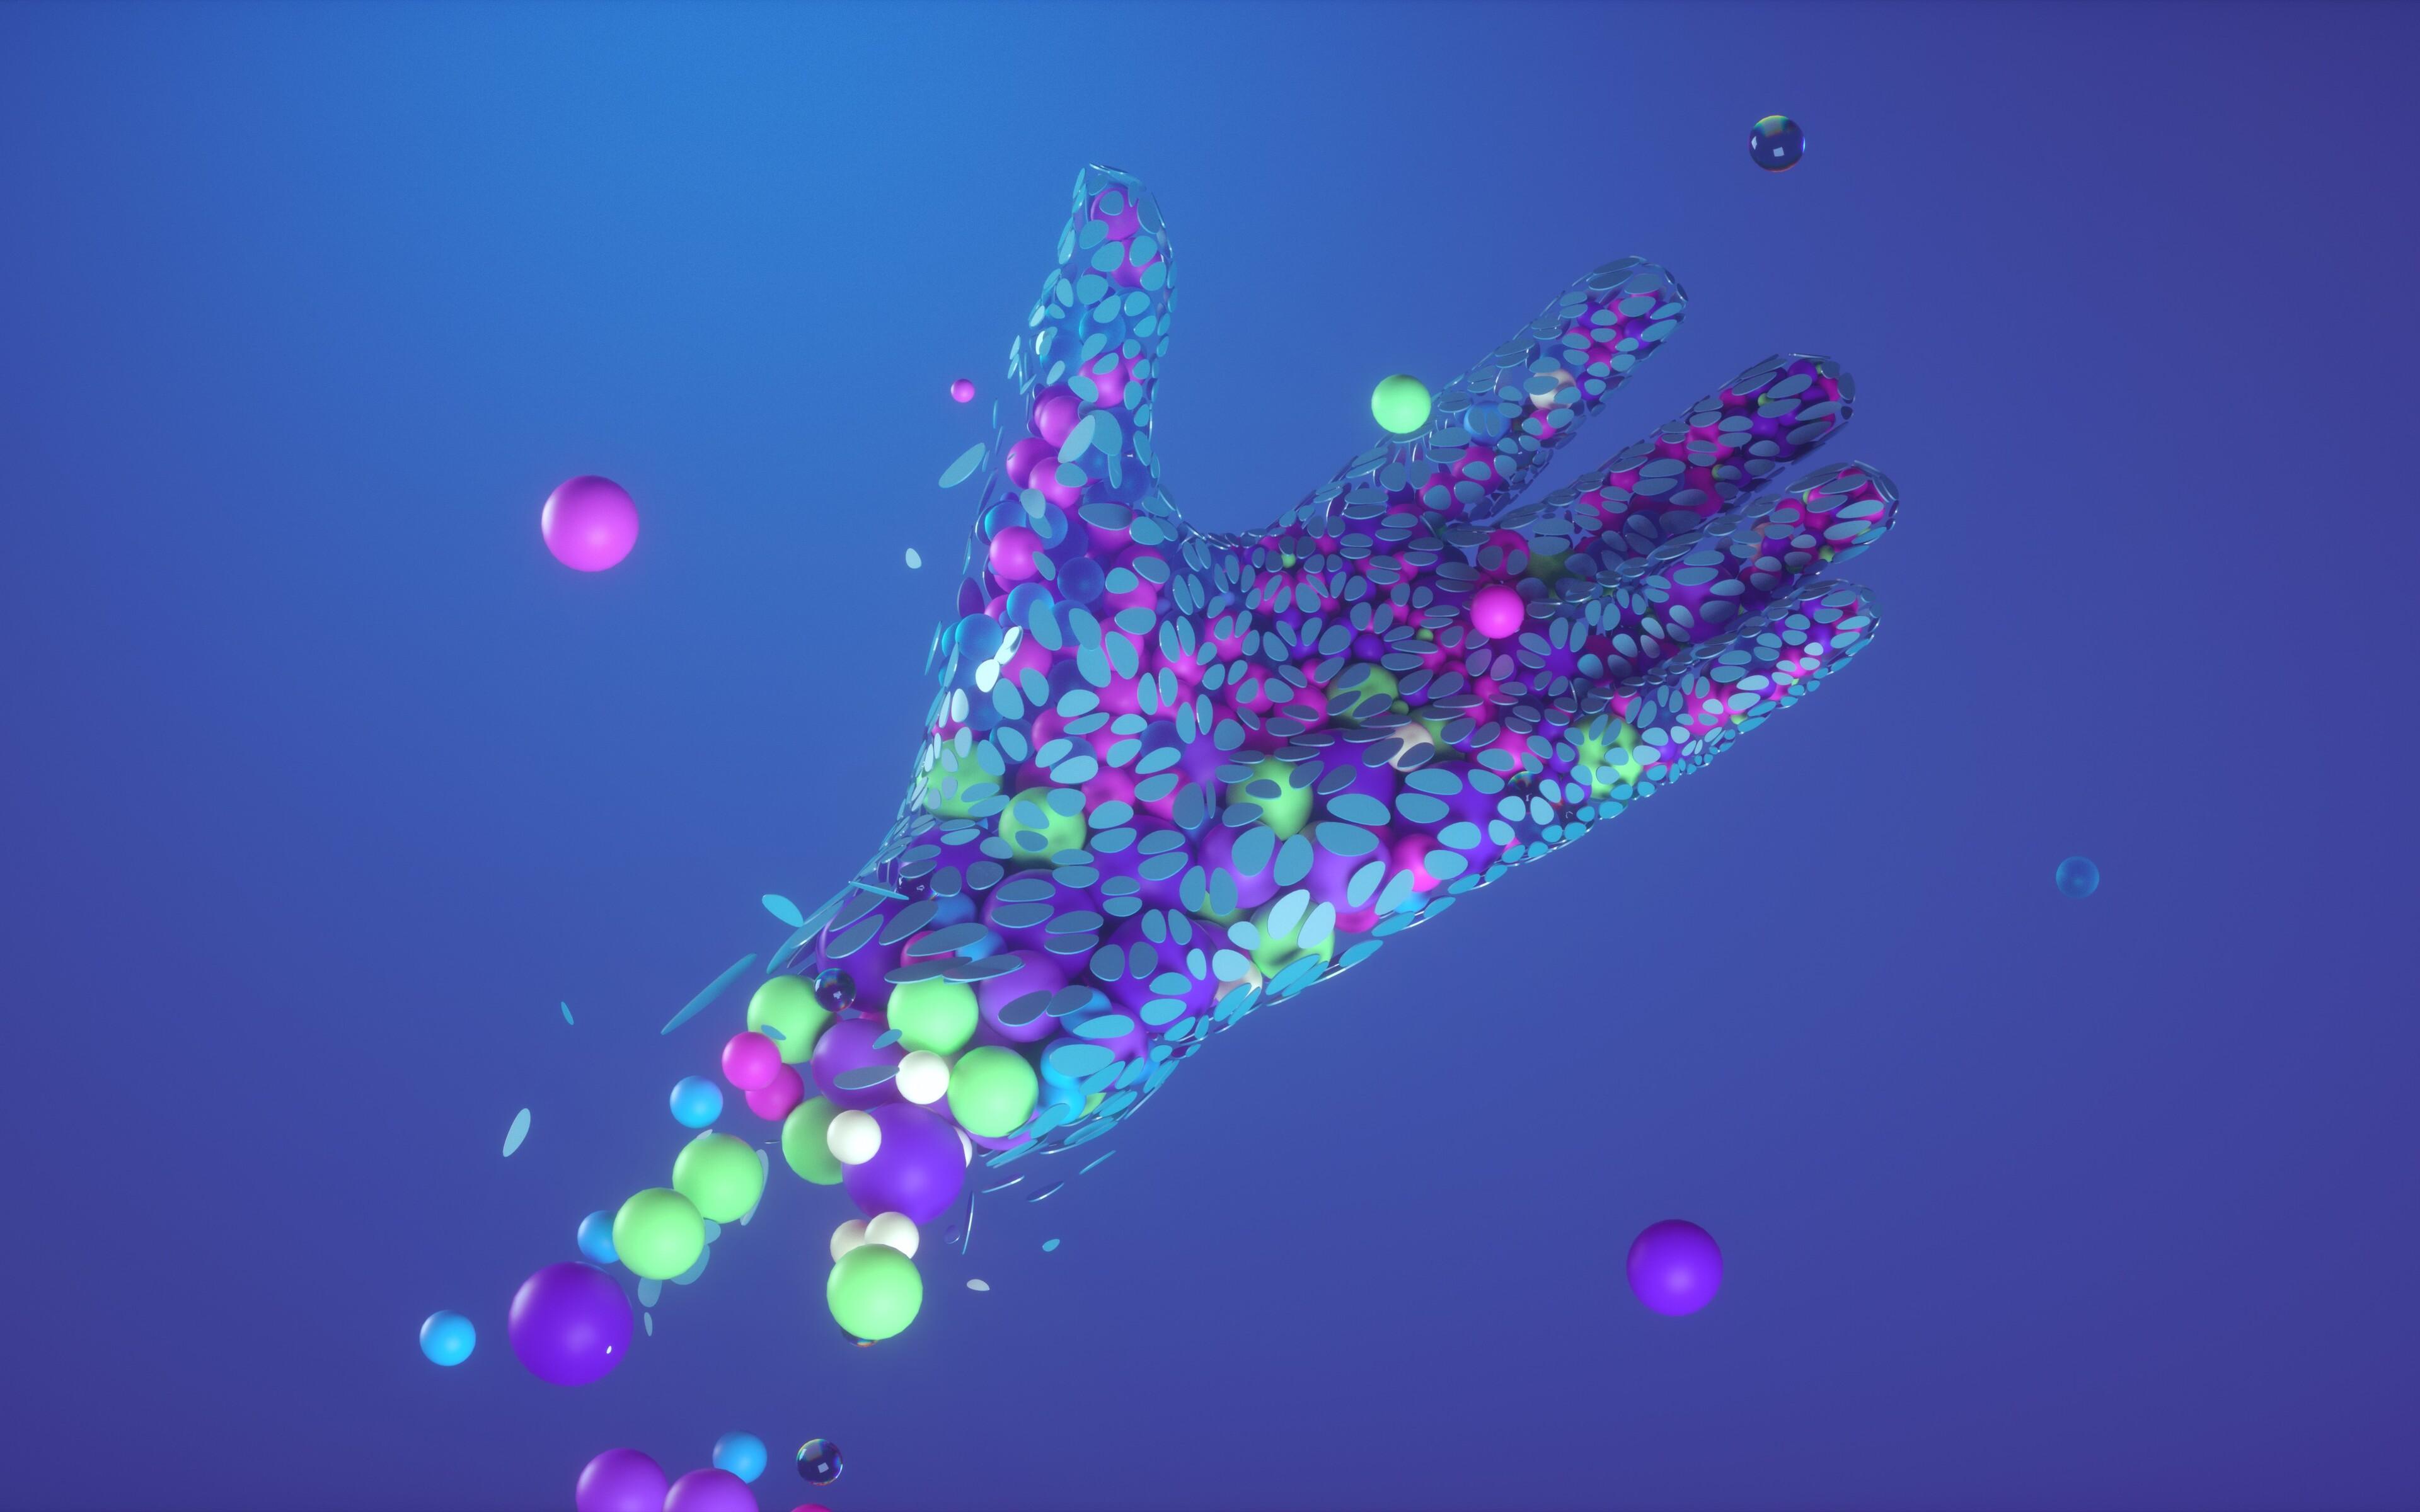 hands-abstract-neon-5k-ck.jpg